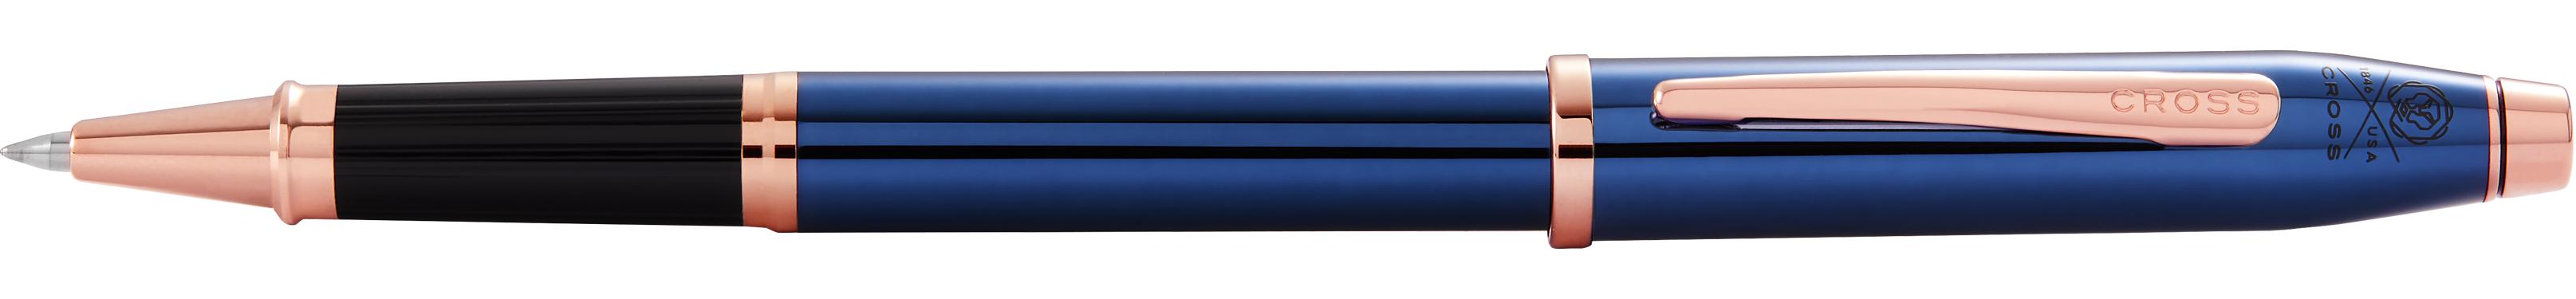 Century II Translucent Cobalt Blue Lacquer Rollerball Pen